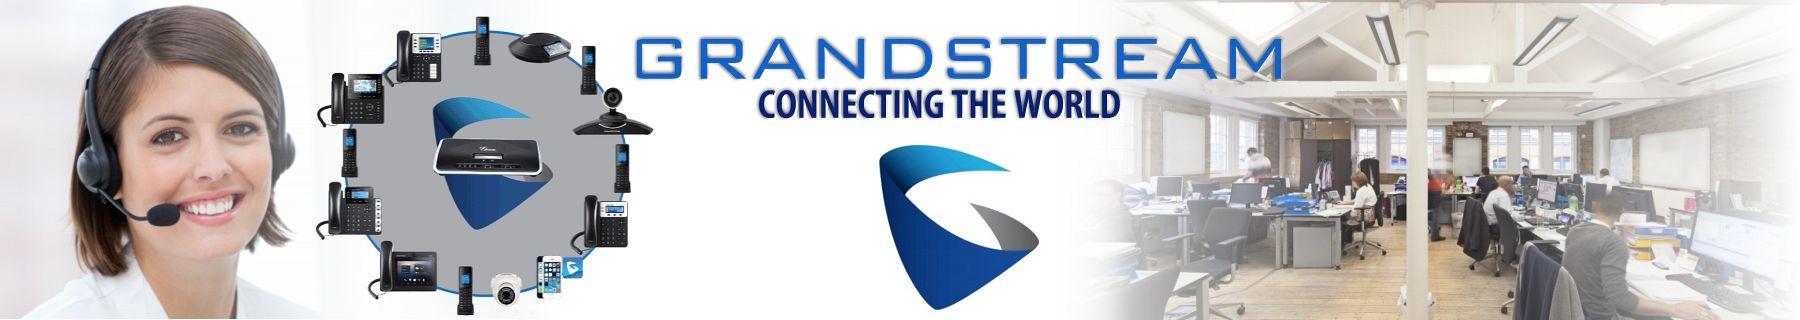 Grandstream Phone System Dubai